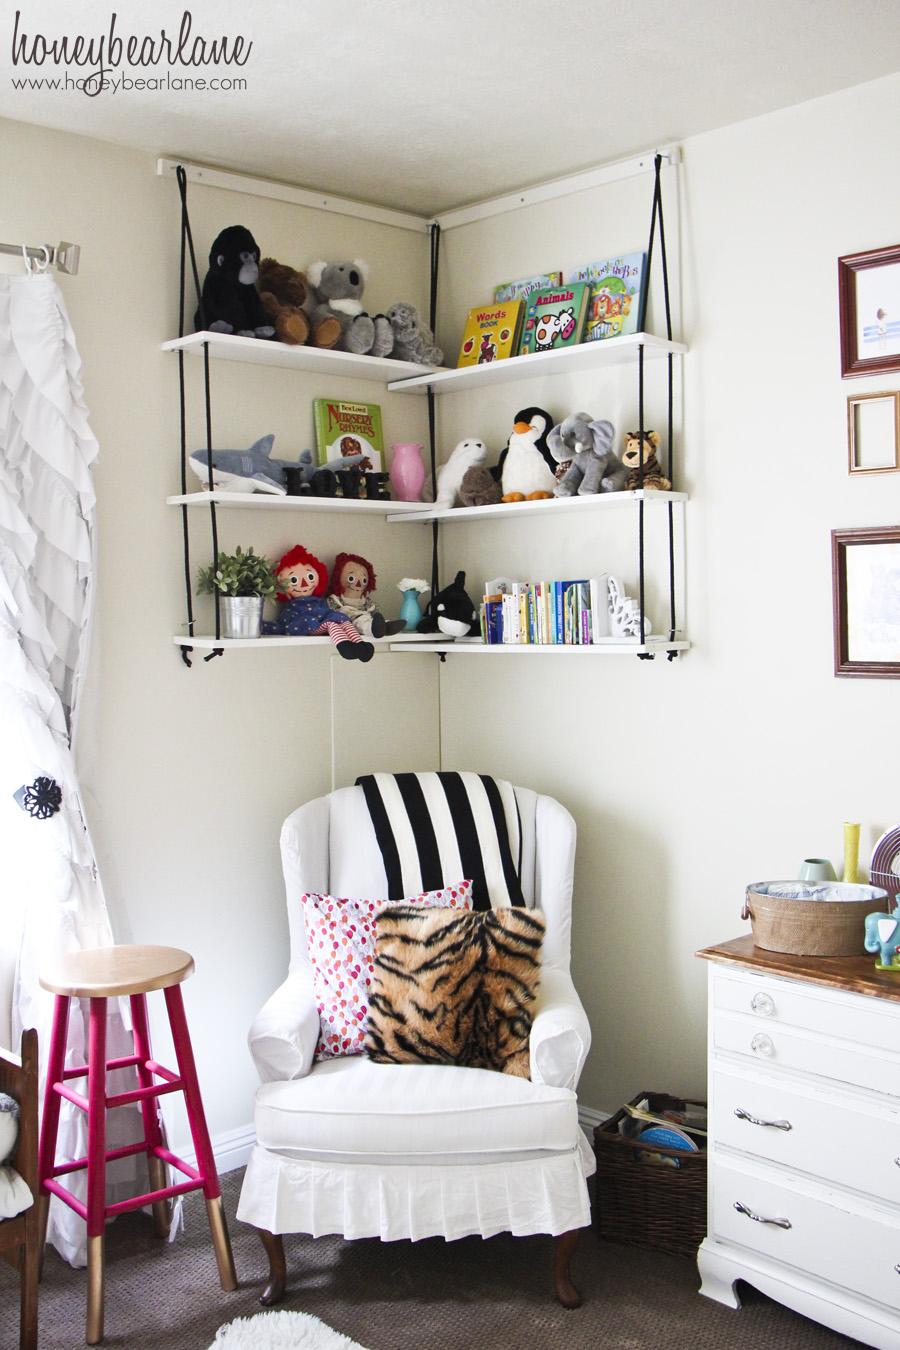 Corner Rope Shelves DIY - Honeybear Lane